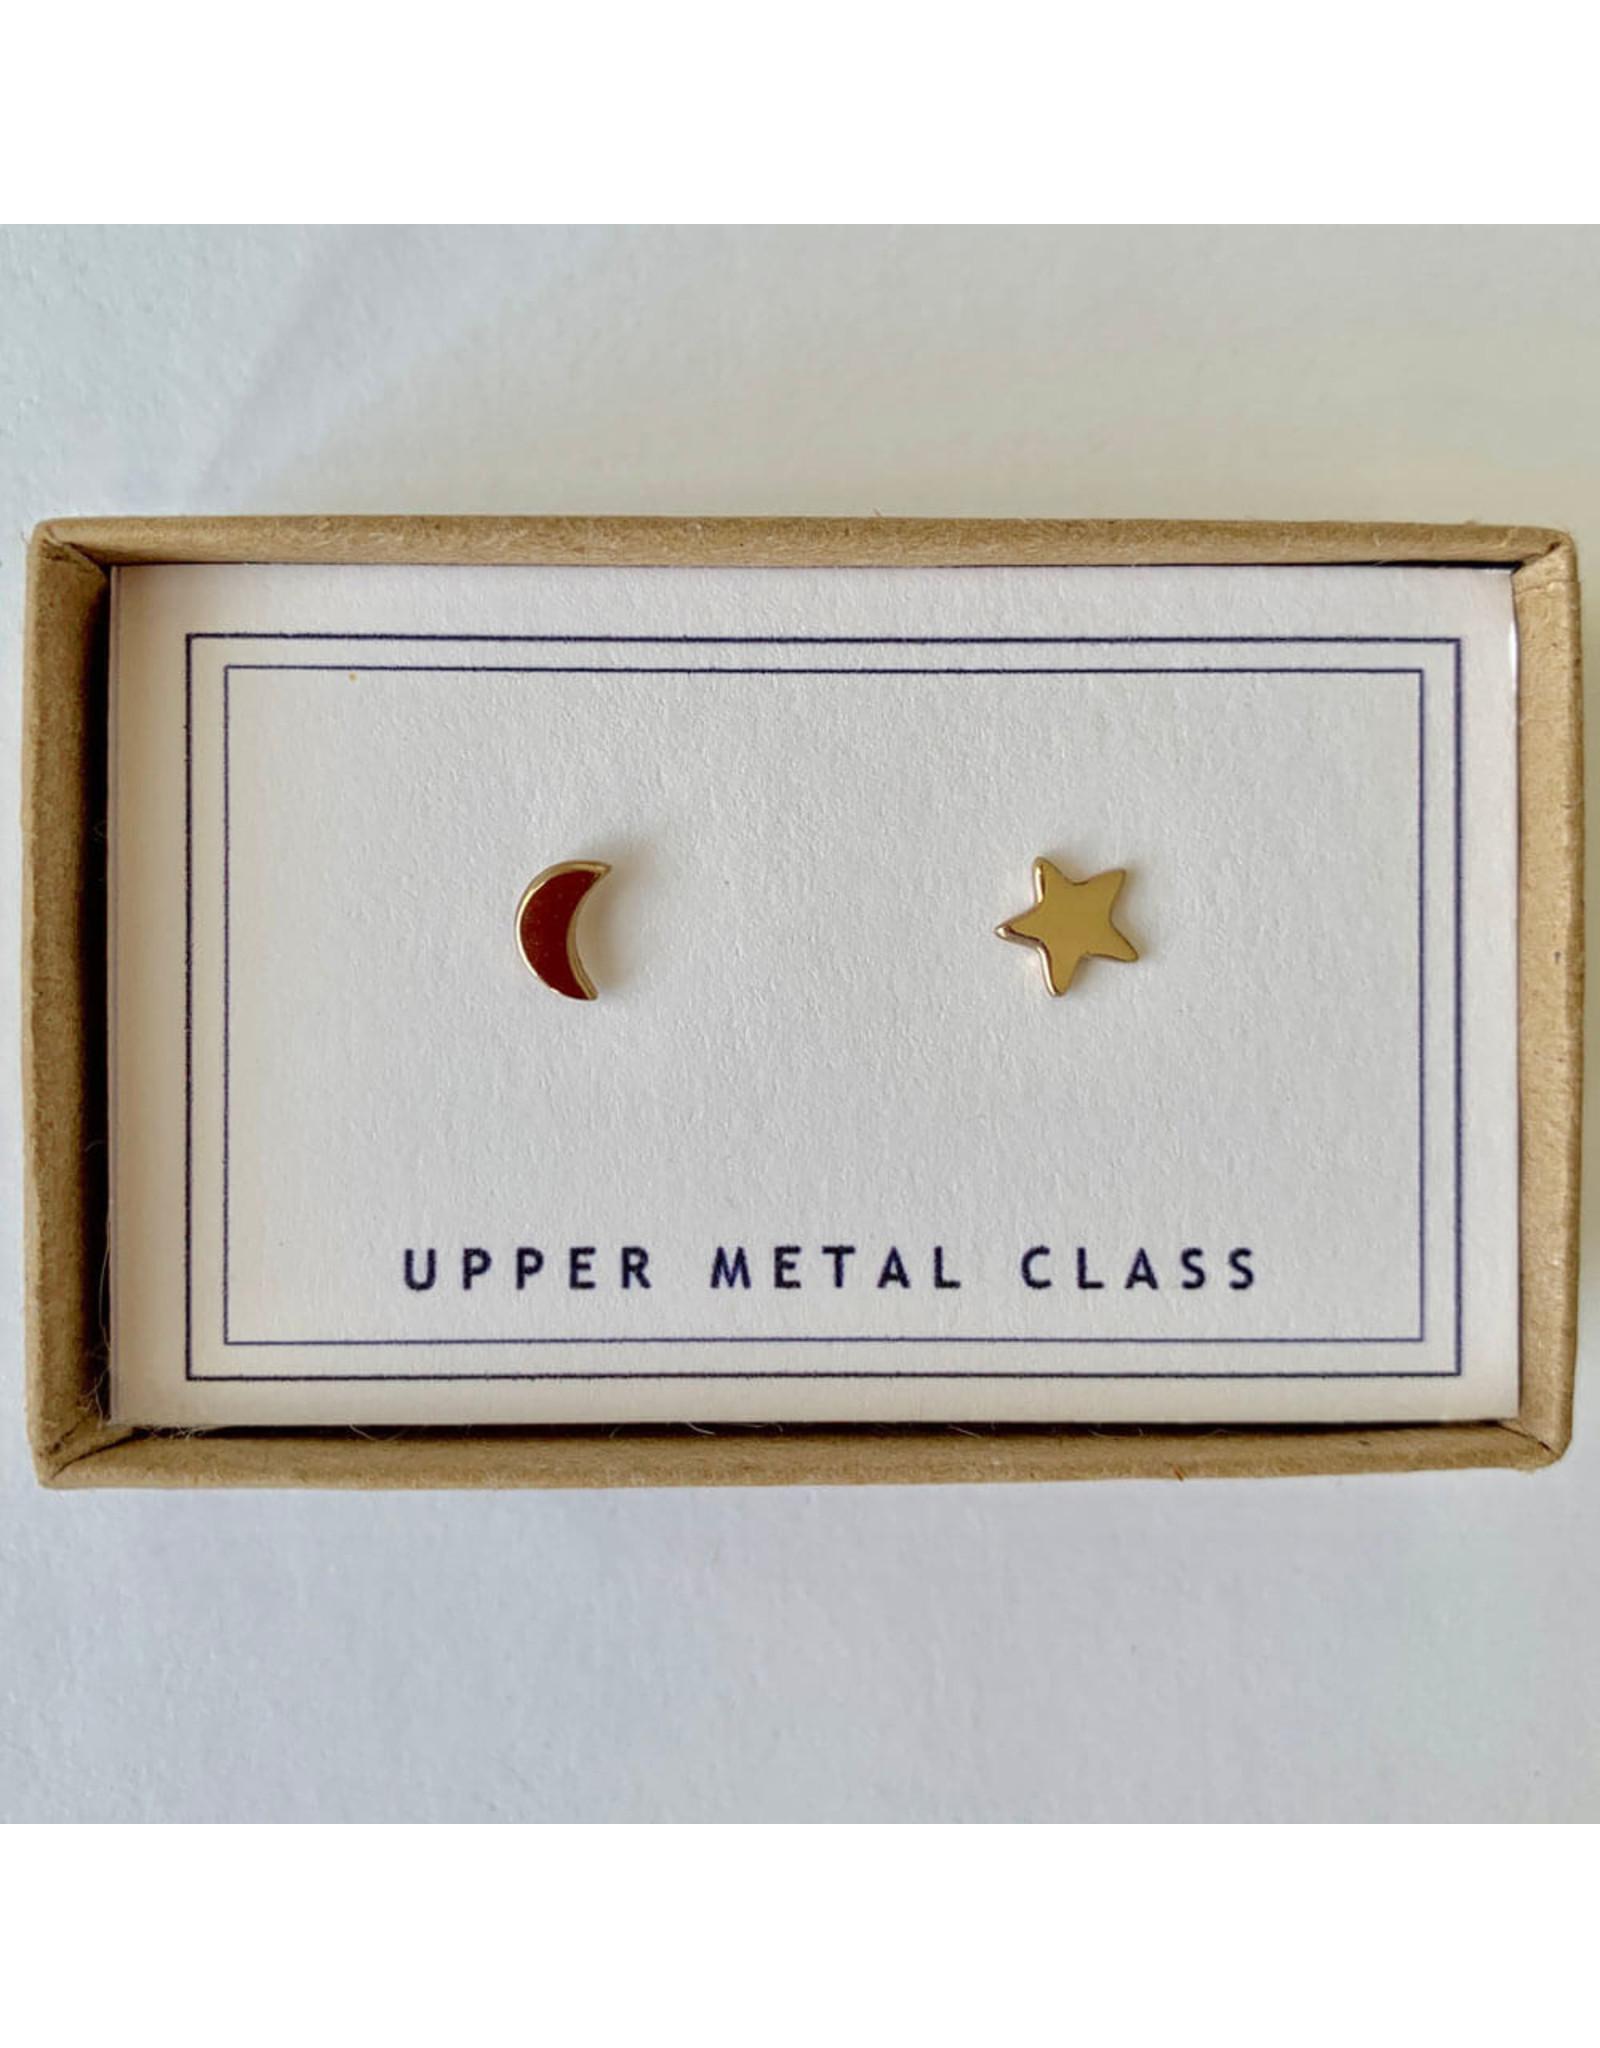 upper metal class moon star studs bronze